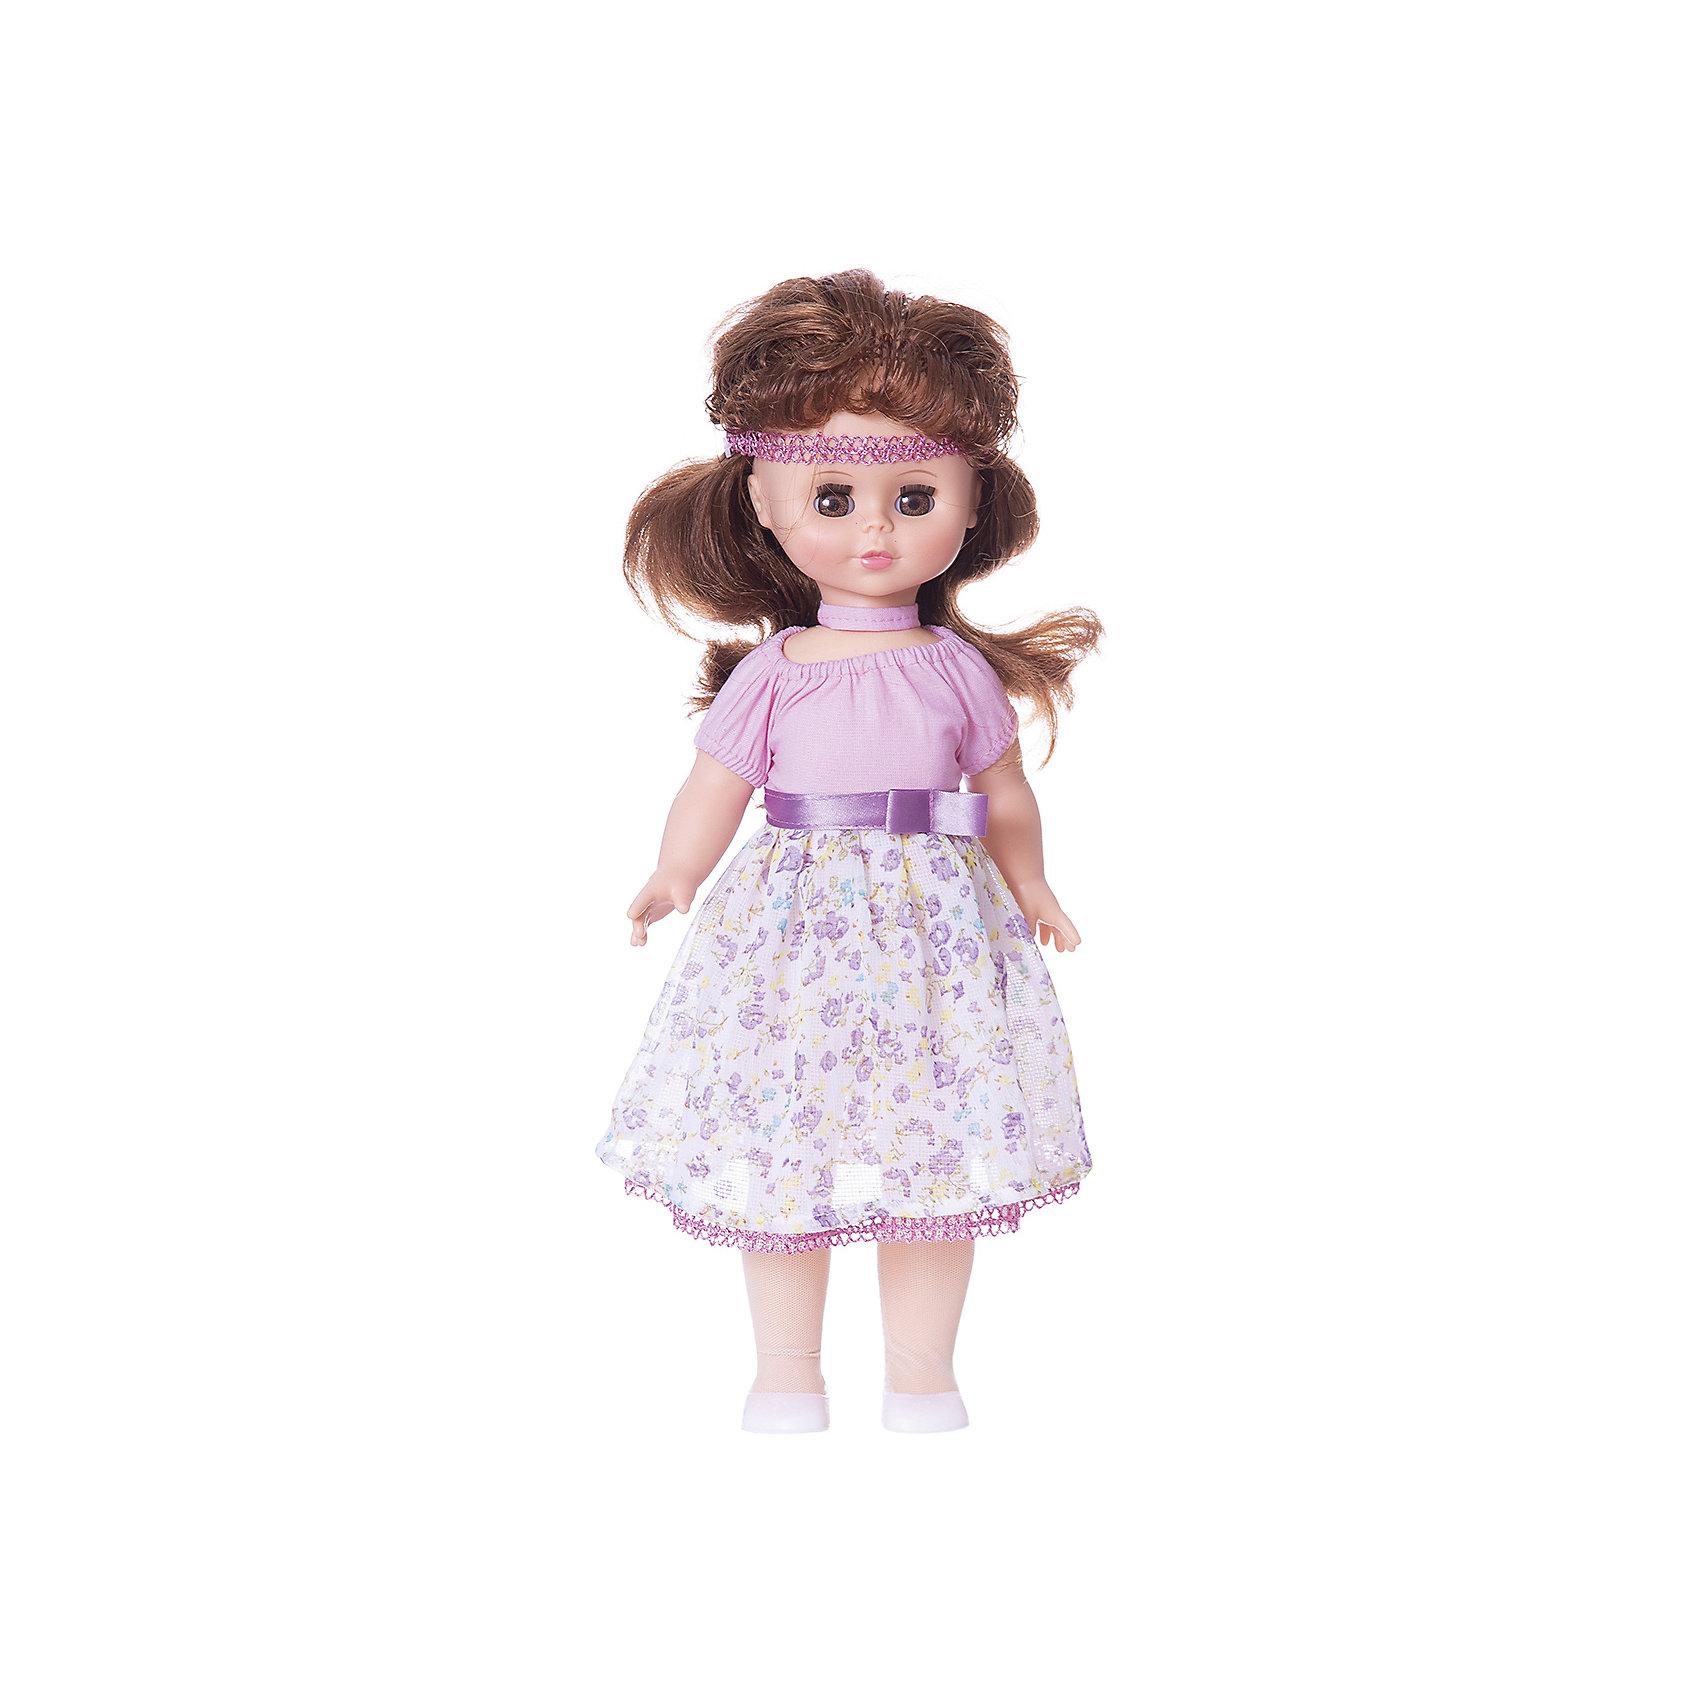 Весна Кукла Оля Фея Сиреневых облаков, со звуком, Весна кукла весна 35 см